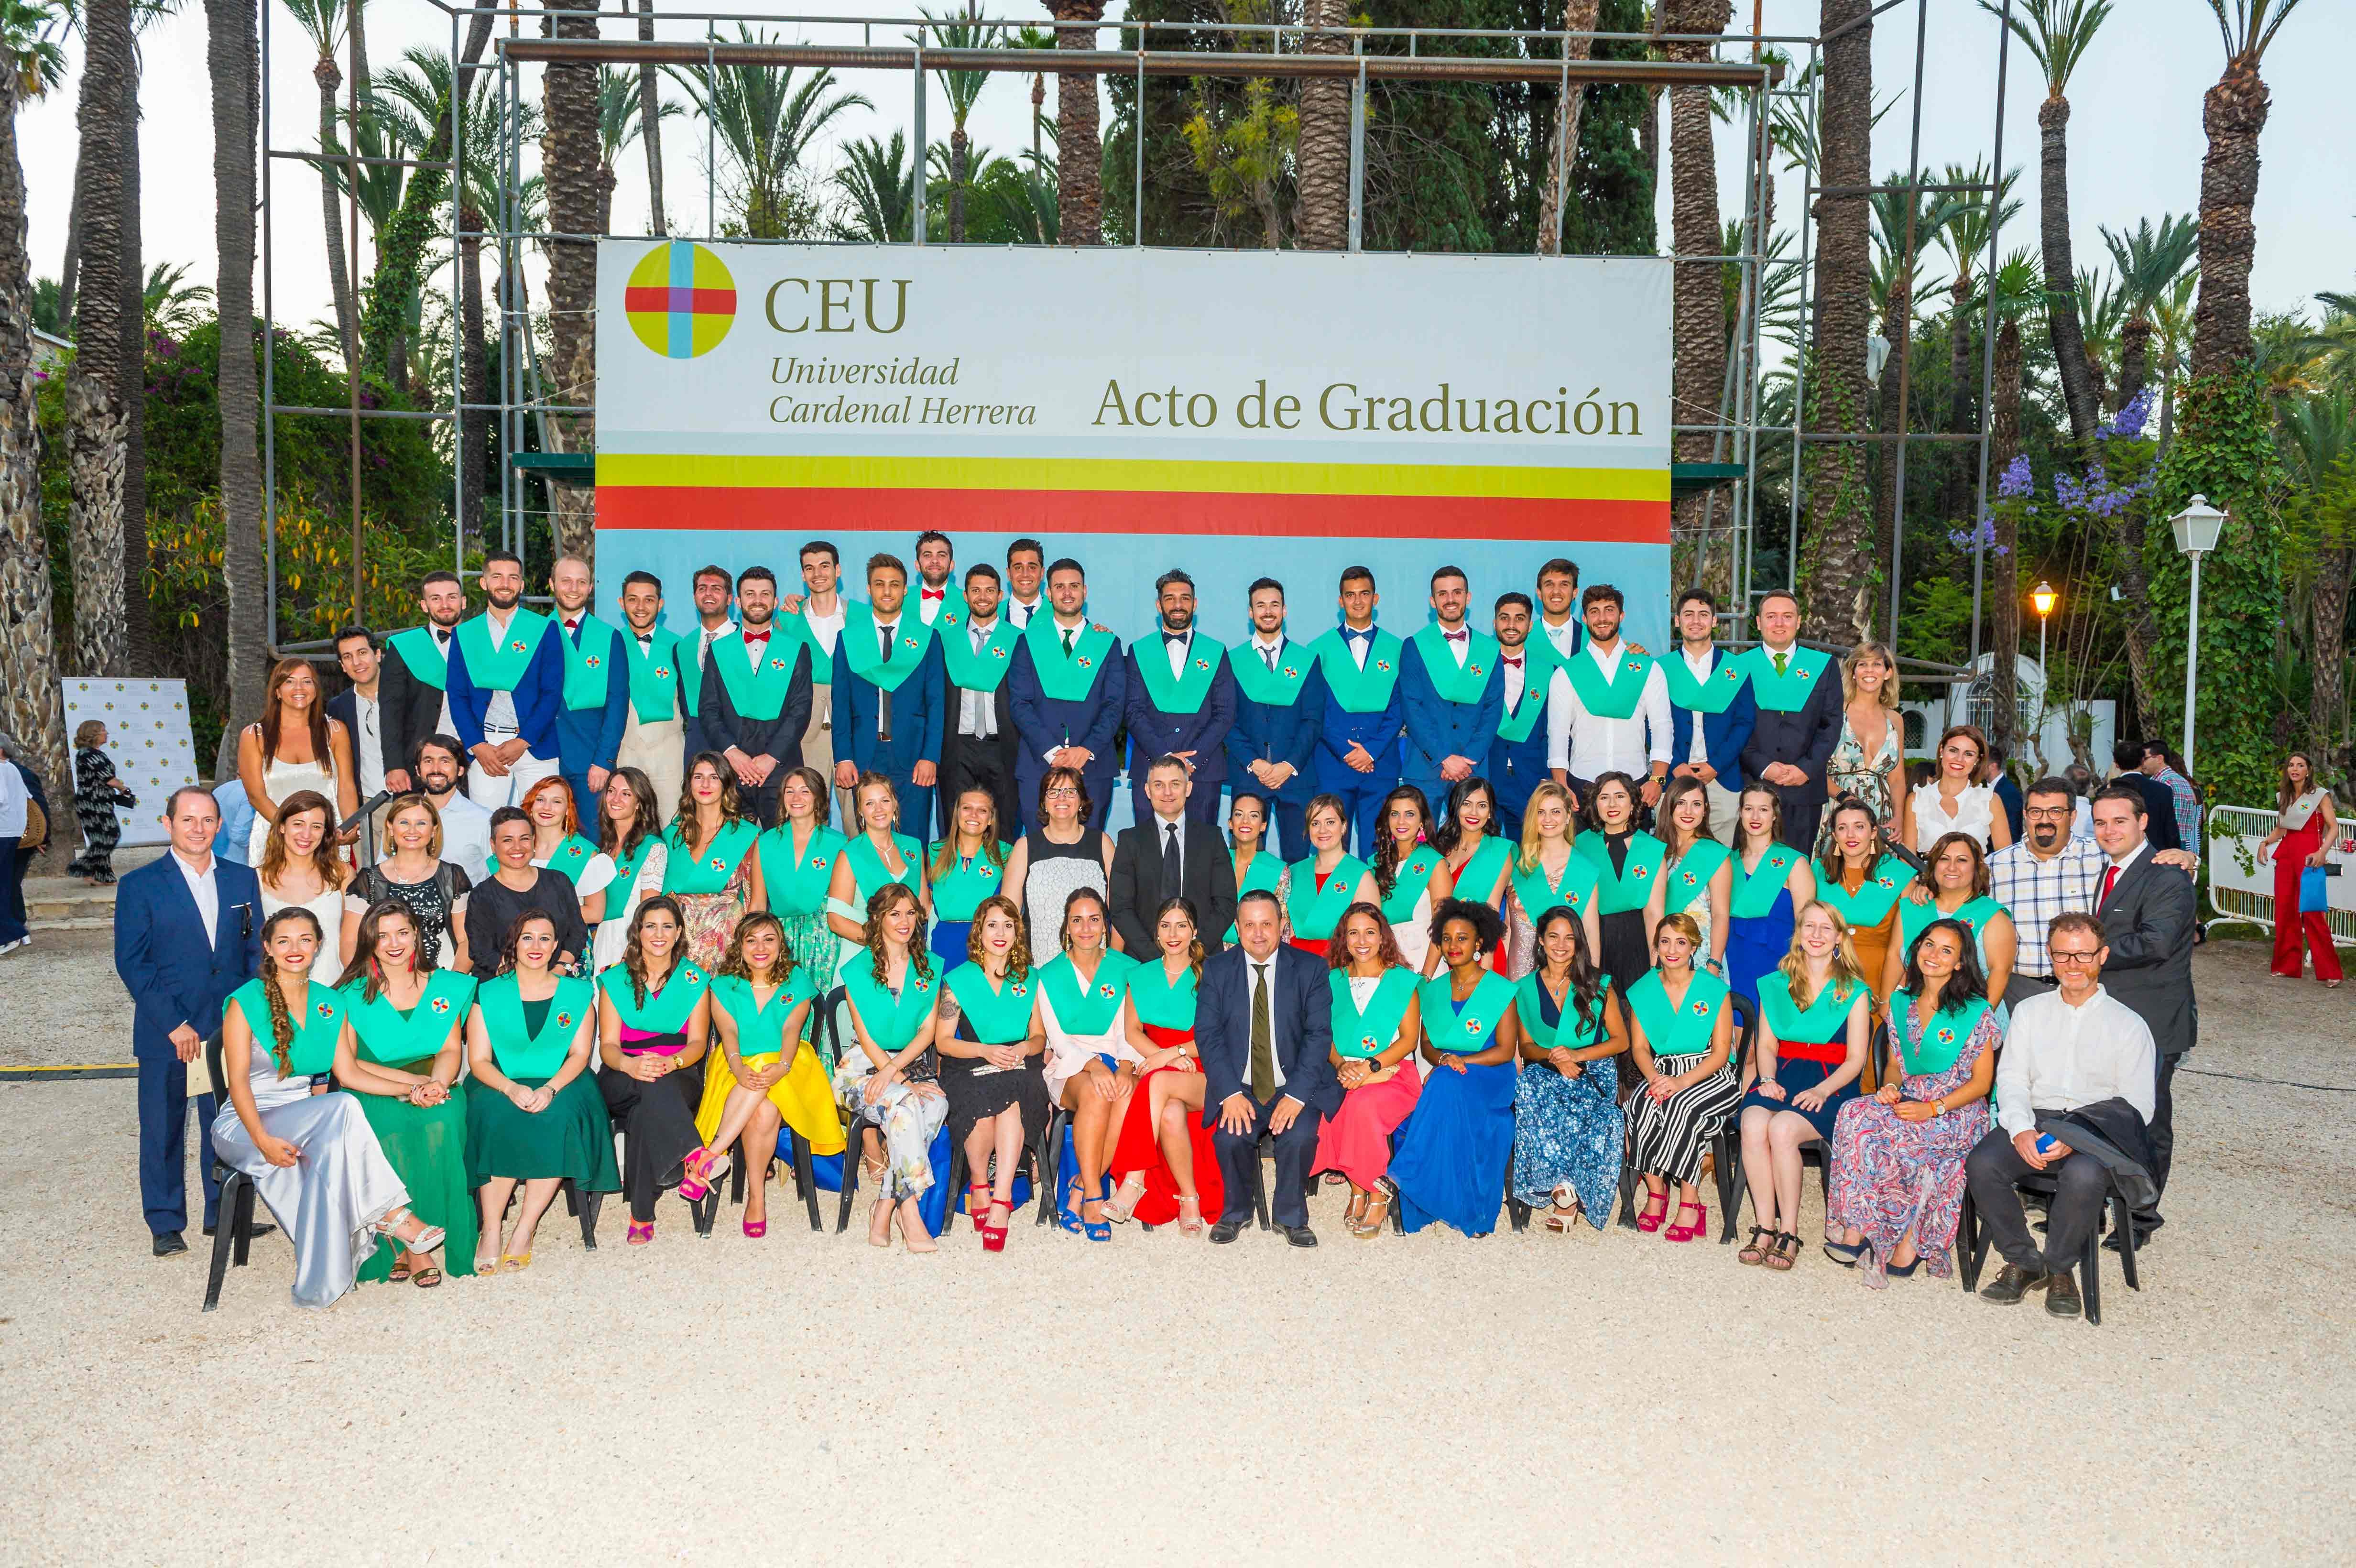 Los nuevos fisios con profesores y autoridades en la ceremonia de graduación CEU de Elche 2018